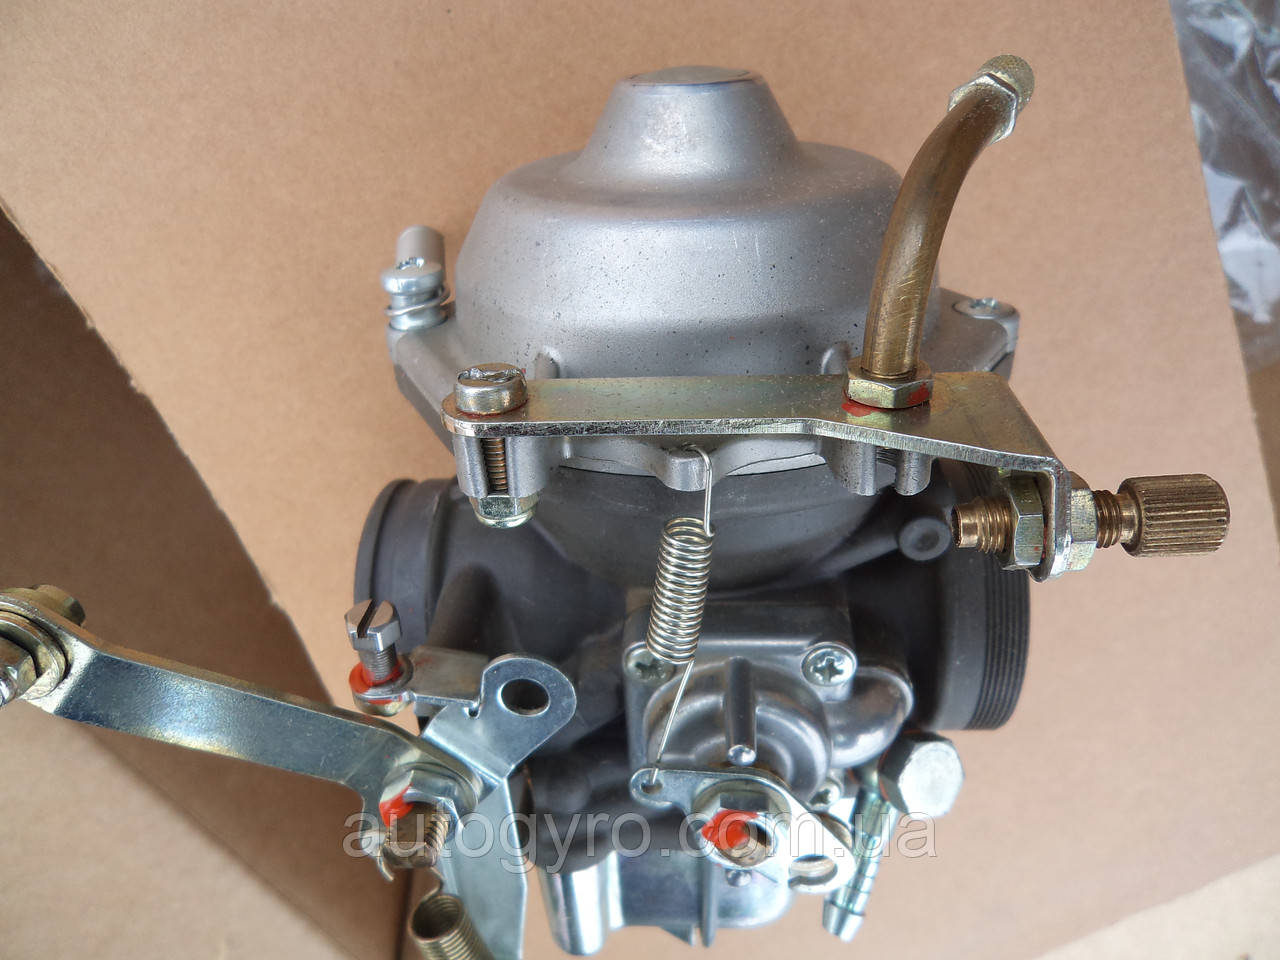 Карбюратор  для Rotax 912 uls 100л.с